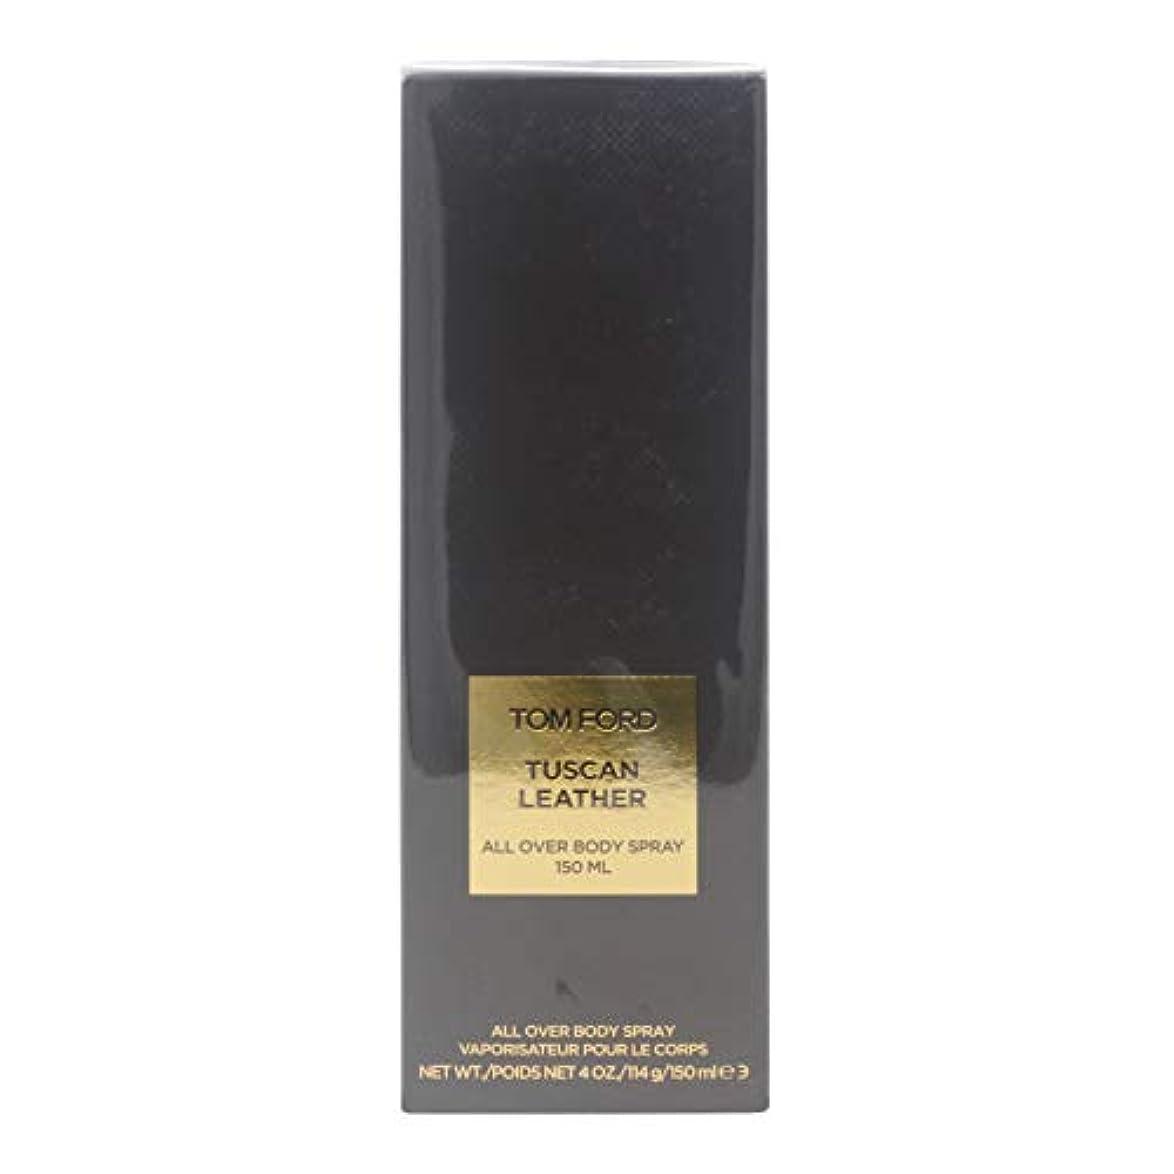 平方ブレンド十億Tom Ford Private Blend 'Tuscan Leather' (トムフォード プライベートブレンド トスカンレザー) 5.0 oz (150ml) All Over Body Spray